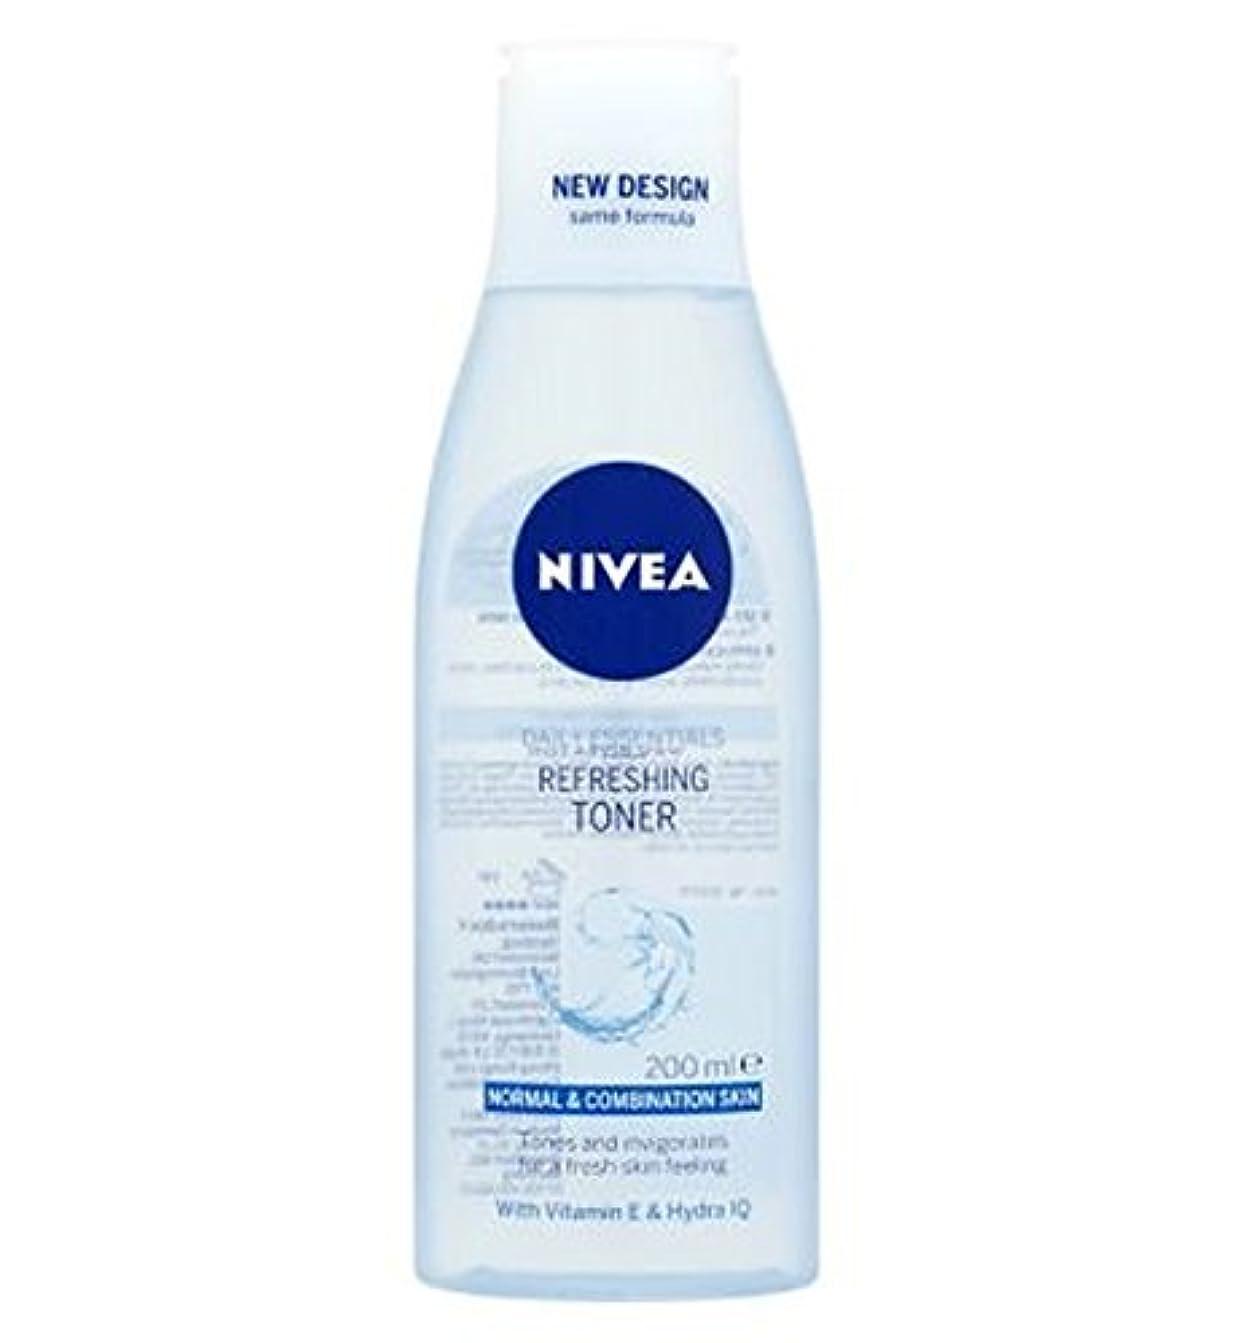 認証蘇生する終わらせるNivea Daily Essentials Refreshing Toner 200ml - トナー200ミリリットルをリフレッシュニベア生活必需品 (Nivea) [並行輸入品]